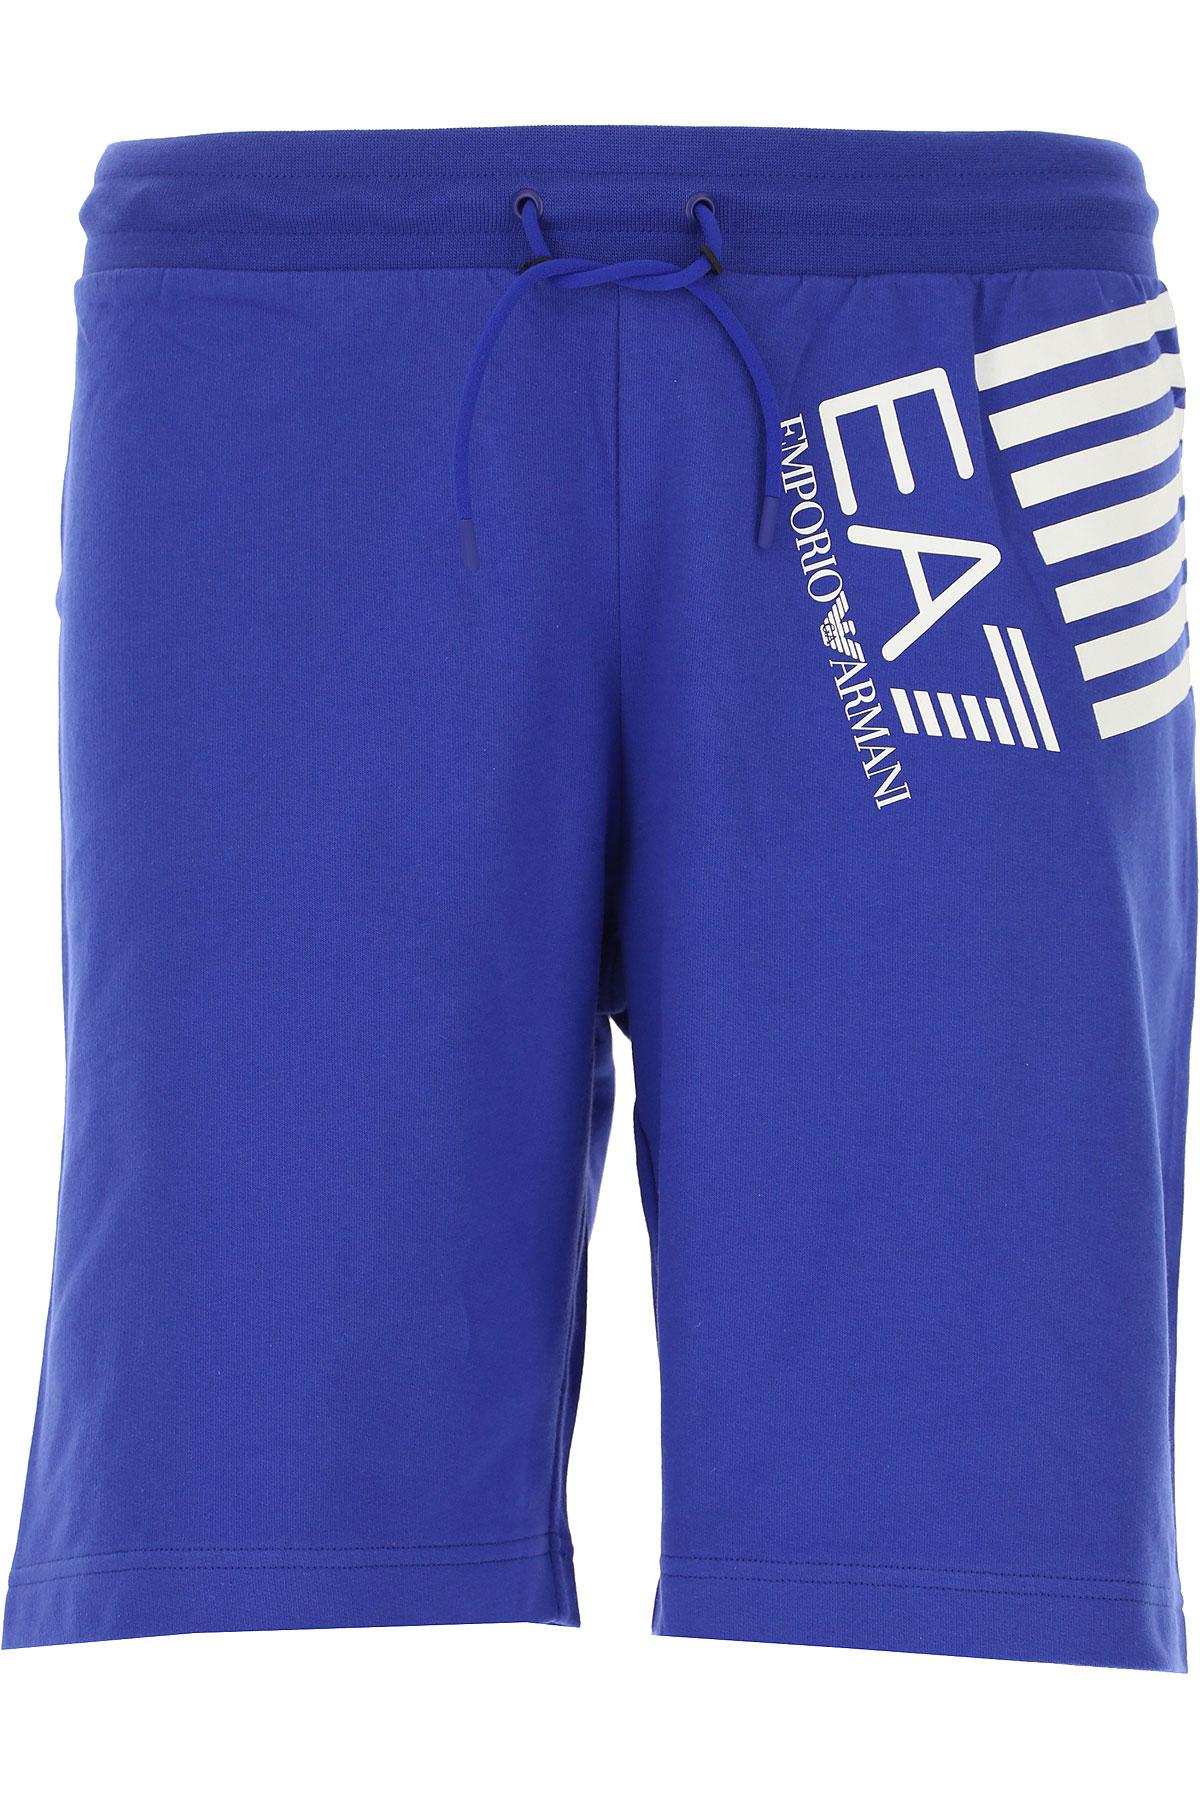 Emporio Armani Short Homme Pas Cher En Soldes, Bleu électrique, Coton, 2019, L M S XL